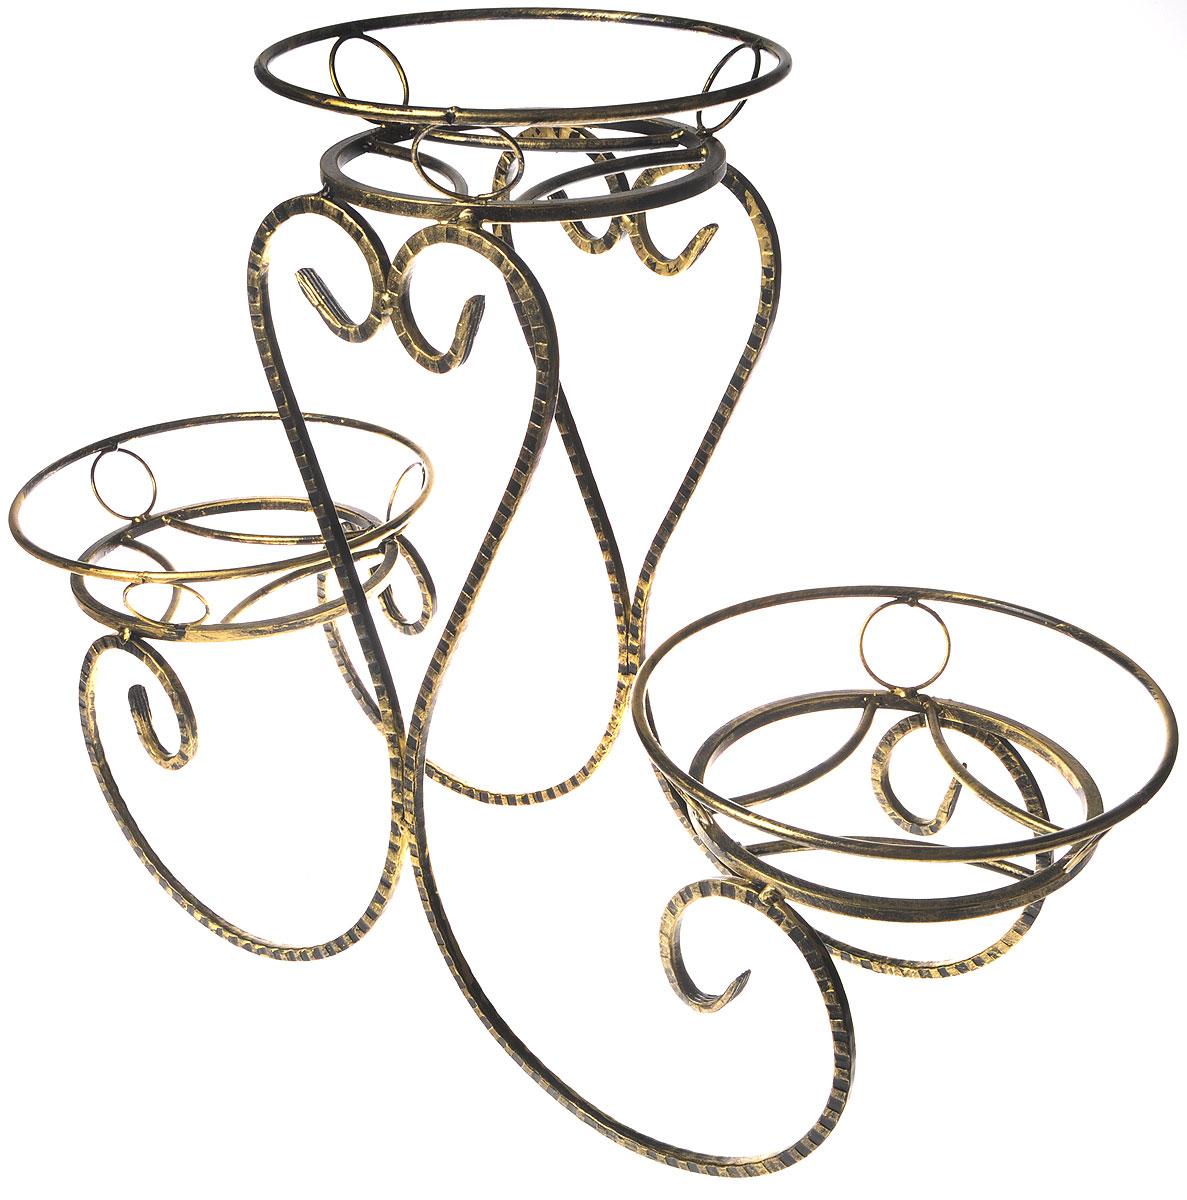 Подставка для цветов Фабрика ковки Классика, на 3 цветка, цвет: черный, золотистый. 70-04370-043Подставка Фабрика ковки Классика предназначена для размещения трех цветочных кашпо, одно размещается на верхнем уровне, два на нижнем. Подставка выполнена из резного окрашенного металла. Ножки выполнены в виде завитков, на которых расположены подставки, декорированные кольцами. Симметричность подставки не только обеспечивает высокую надежность установки цветков, но и придает ей строгий и презентабельный вид. Размер подставки: 80 х 29 х 60 см. Диаметр полок (по верхнему краю): 29 см.